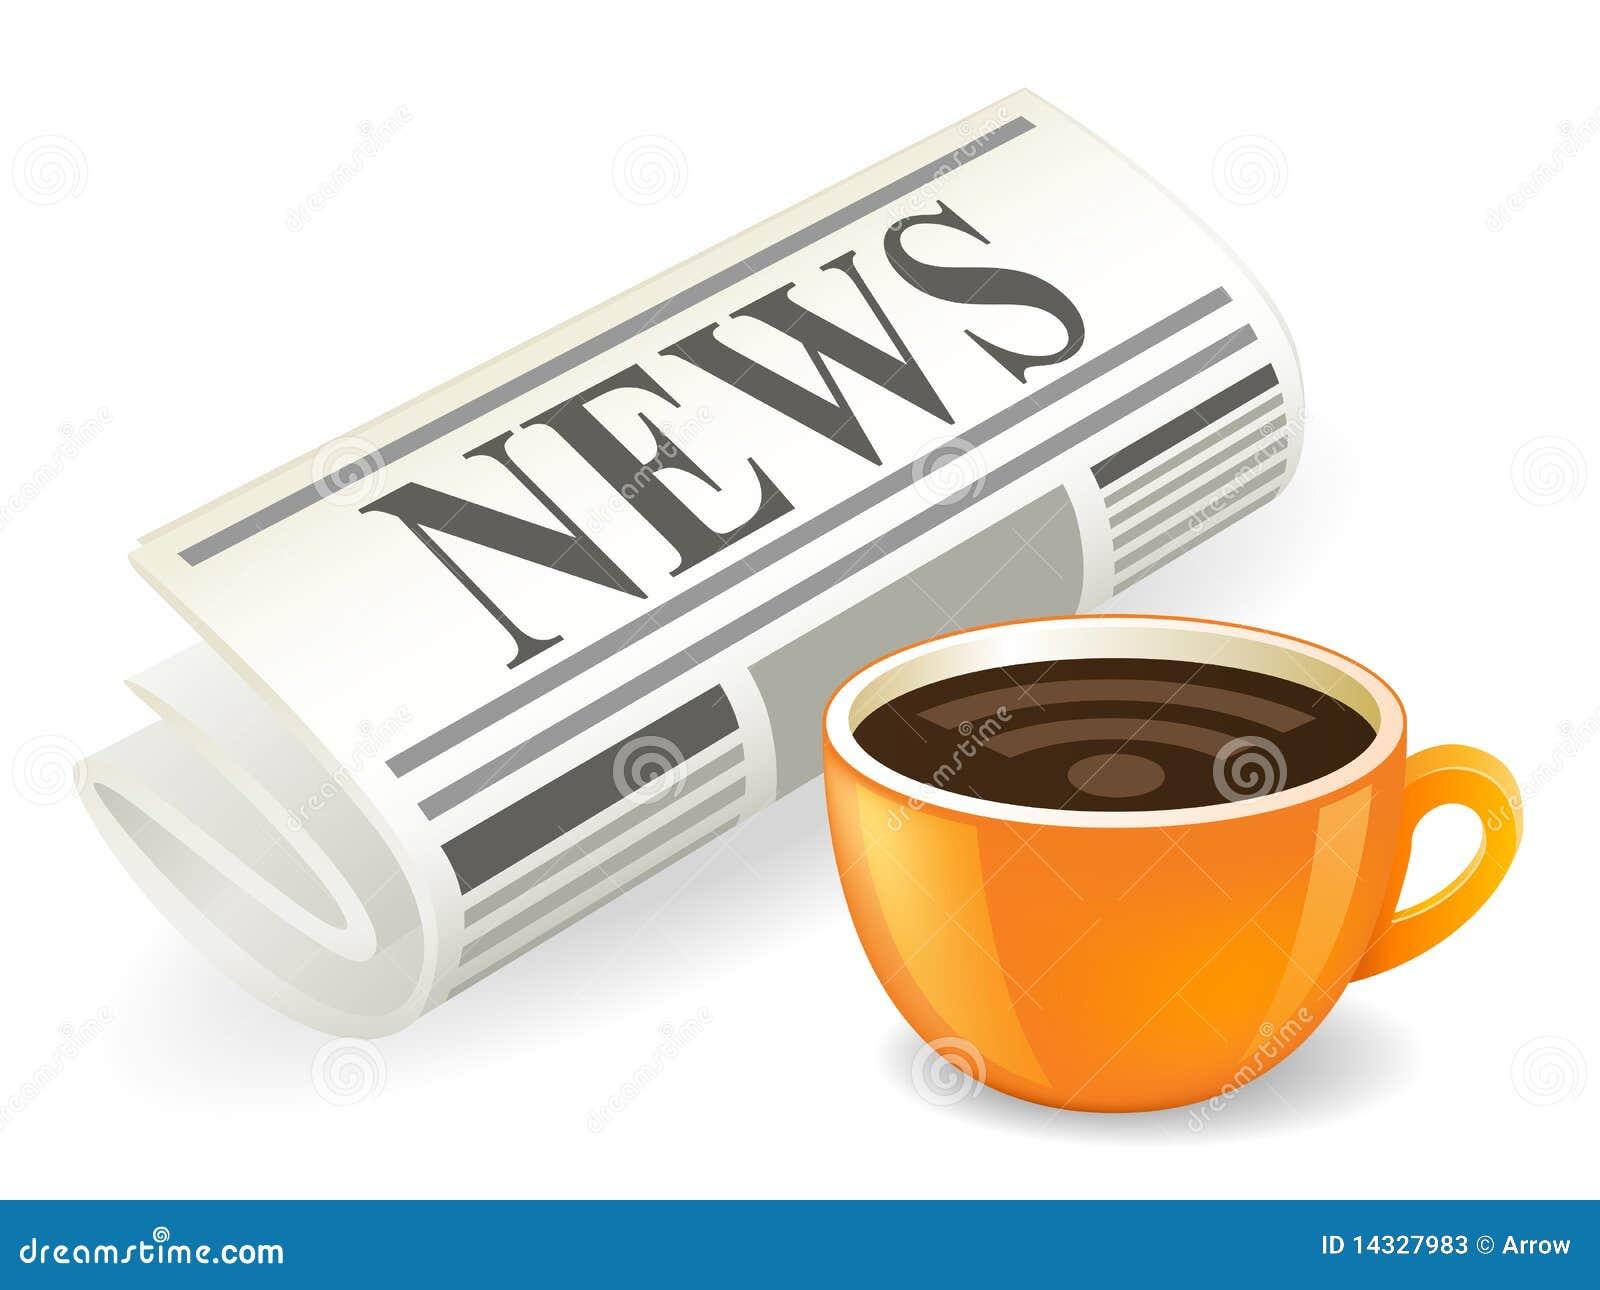 最新�yf�yj,y.d9��:e��i-9�h_图标最新的新闻